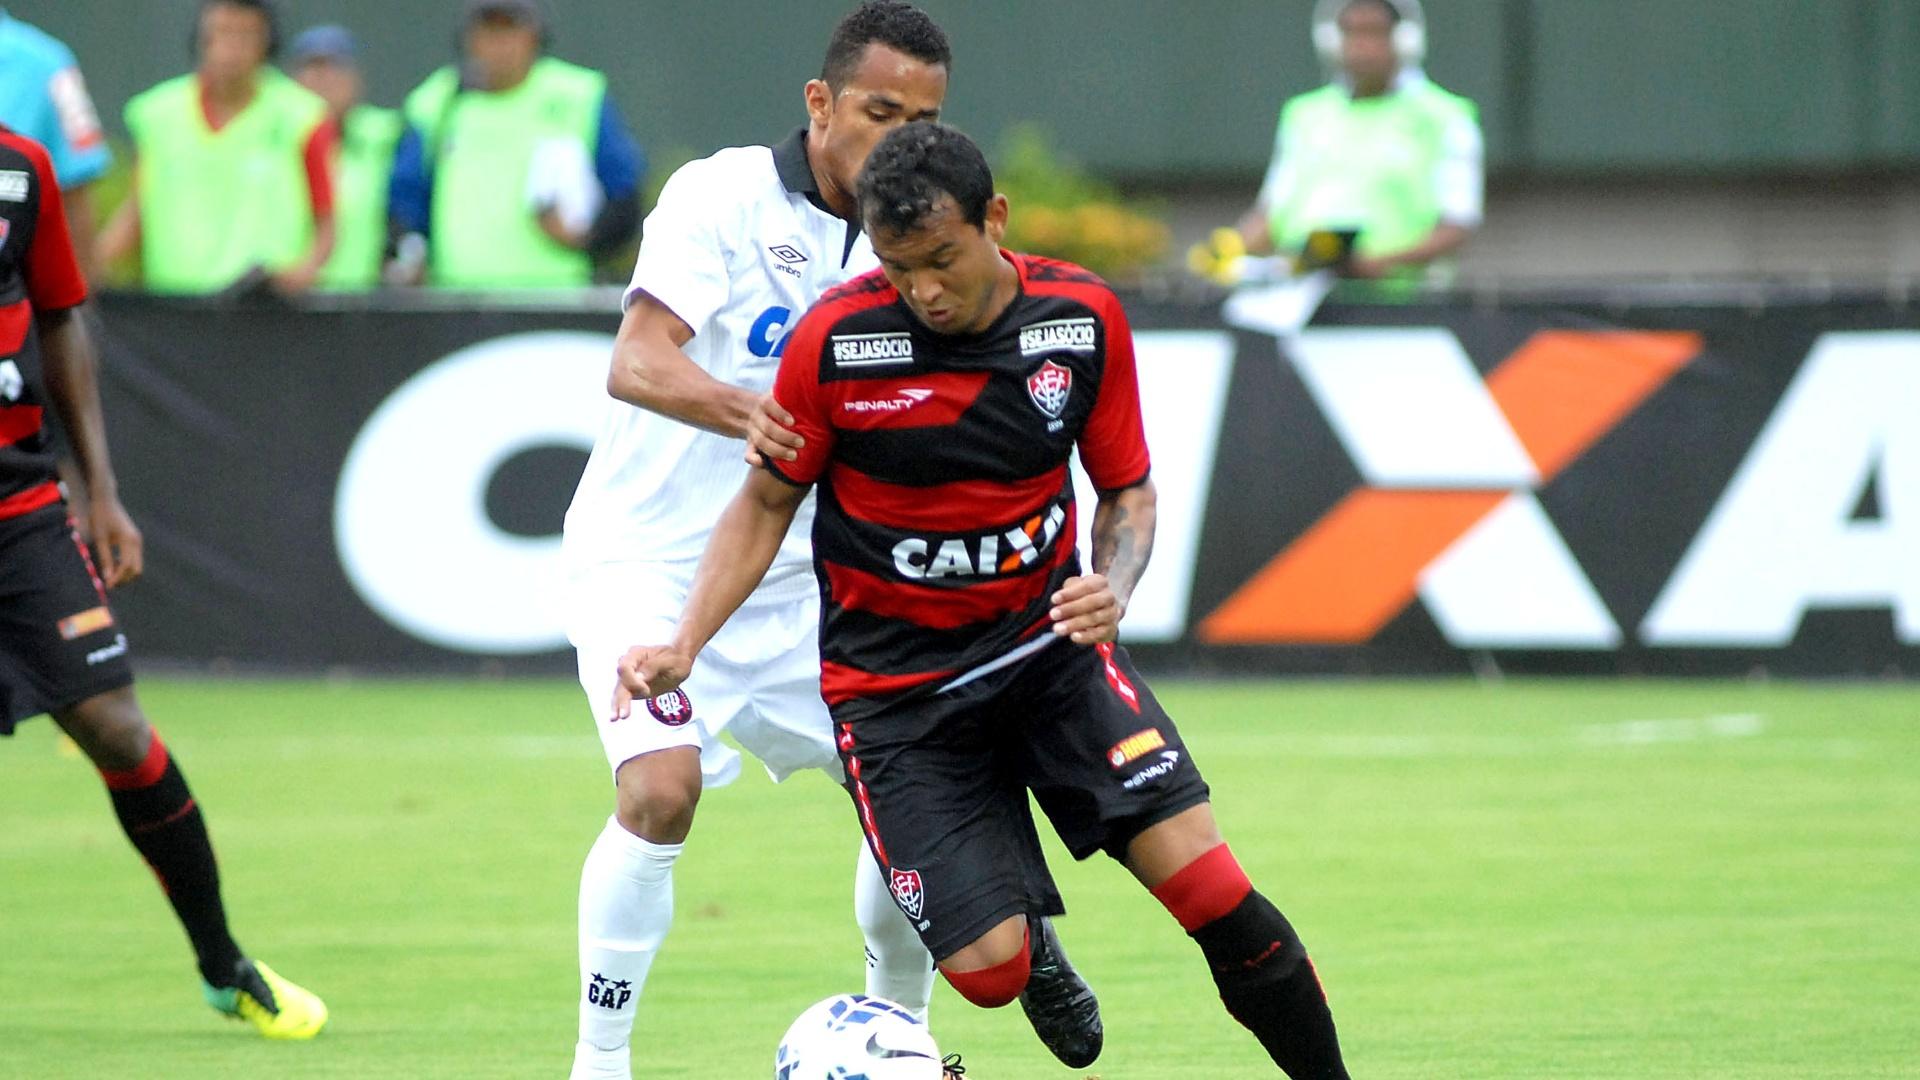 27.abr.2014 - Atacante Vinícius avança com a bola em jogo do Vitória contra o Atlético Paranaense, pelo Brasileirão